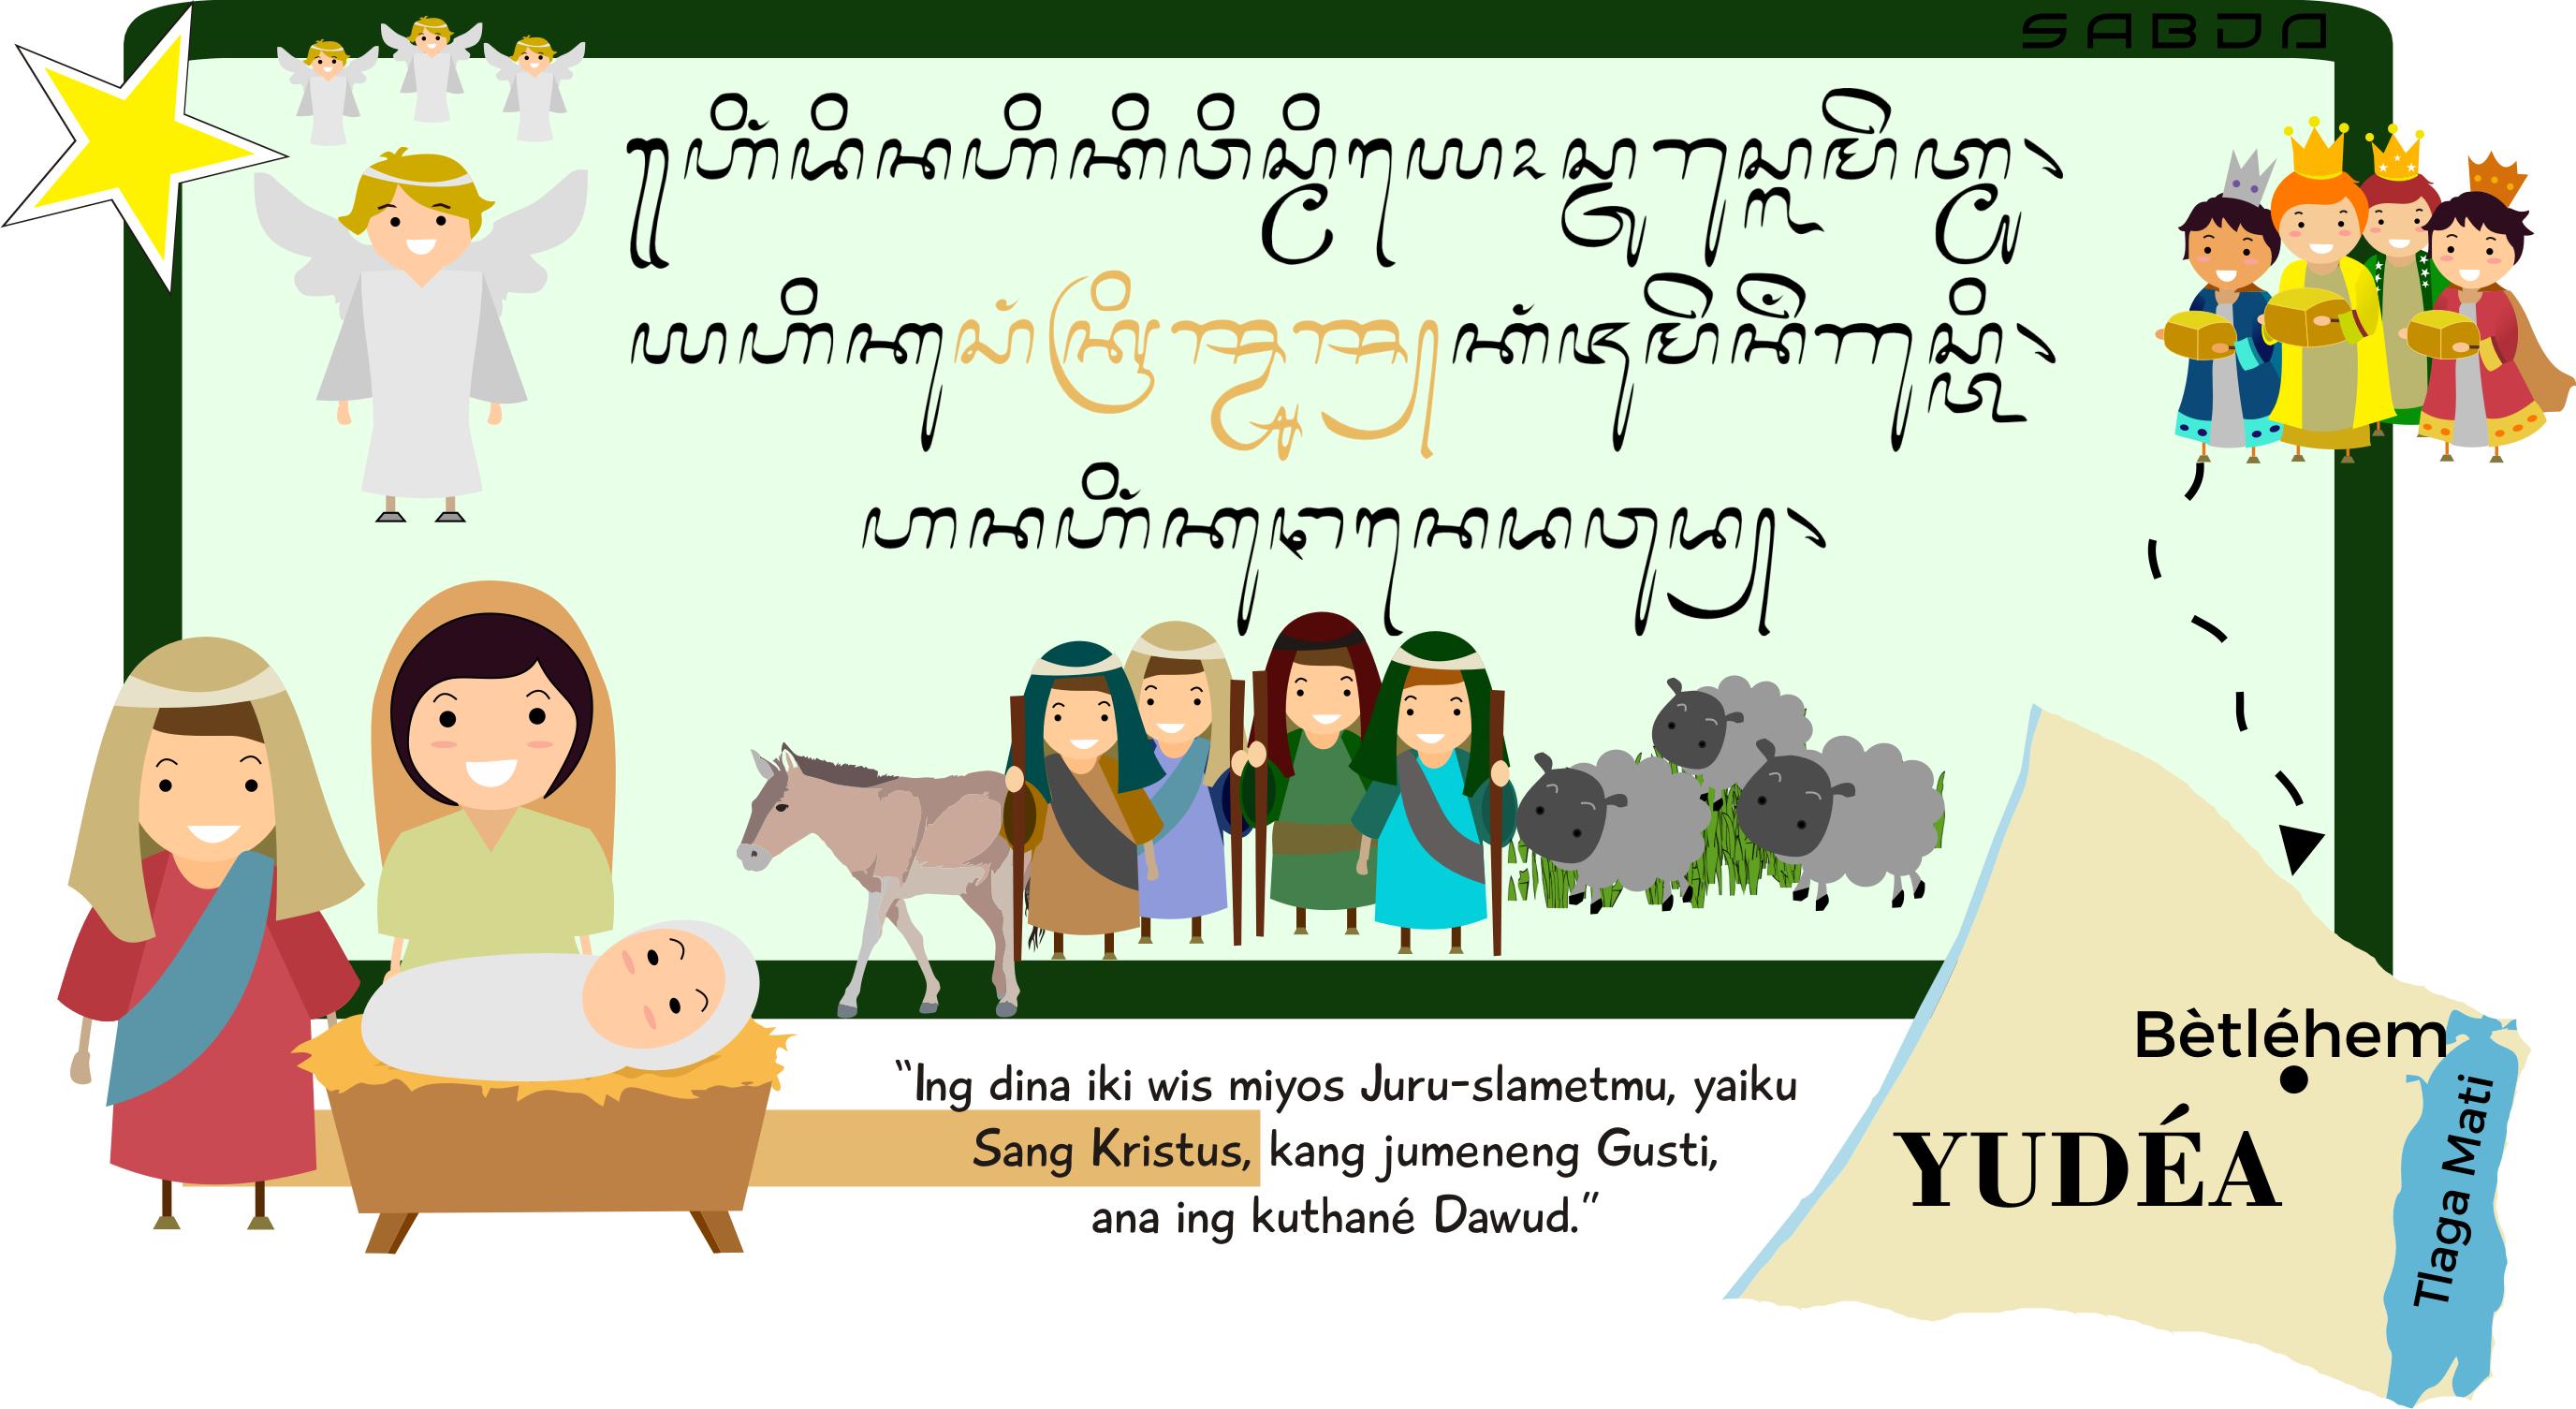 Kisah Kelahiran Yesus - Miyose Gusti Yesus - bahasa Jawa - Infografis oleh SABDA